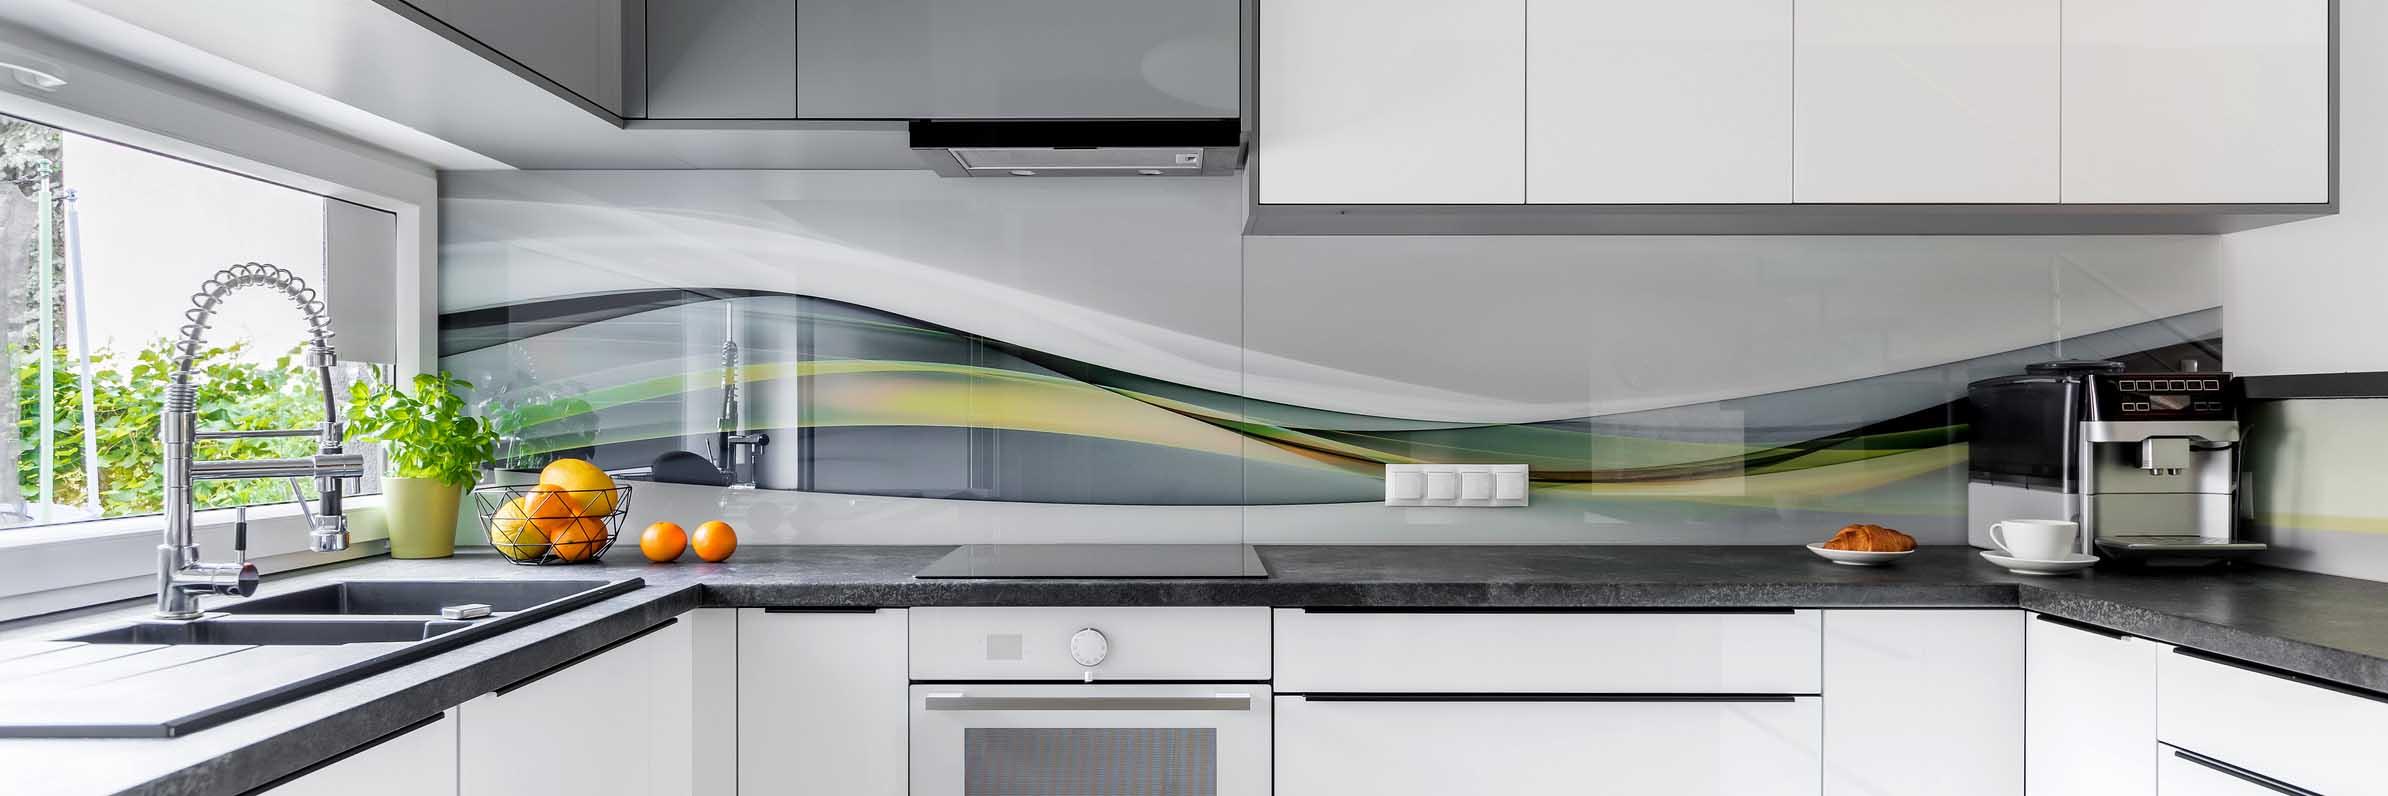 Super Grafiki do kuchni - ciekawe wzory do Twojej kuchni PT53